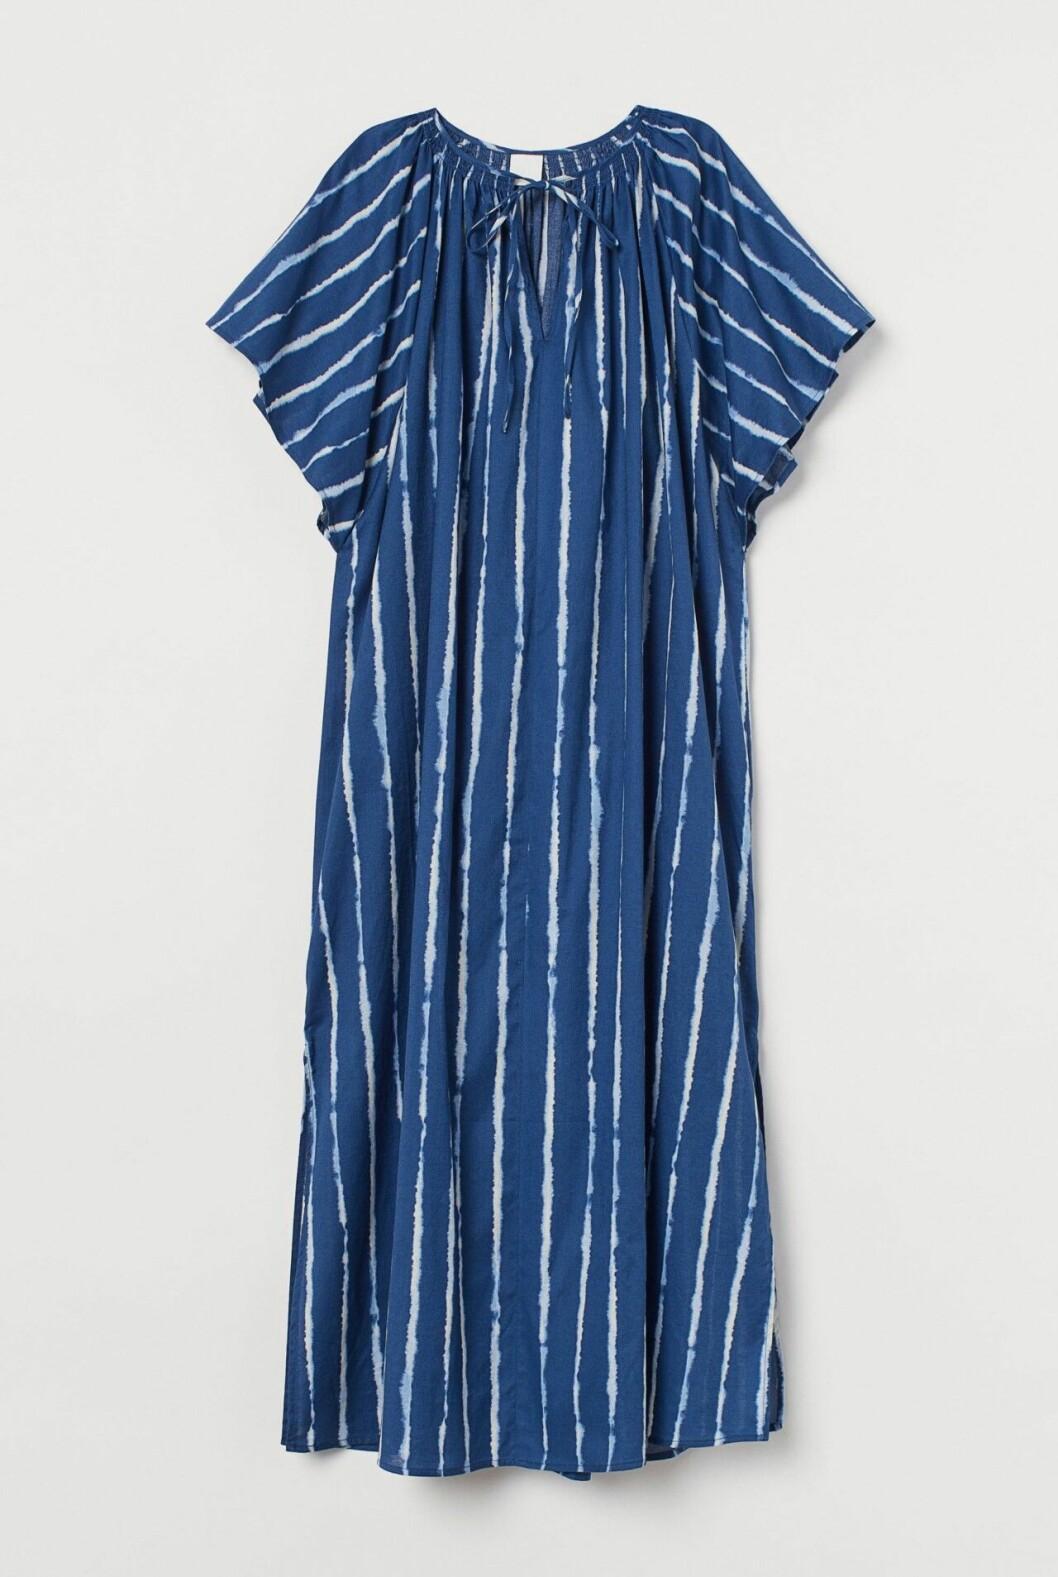 Blå strandklänning till sommaren 2020